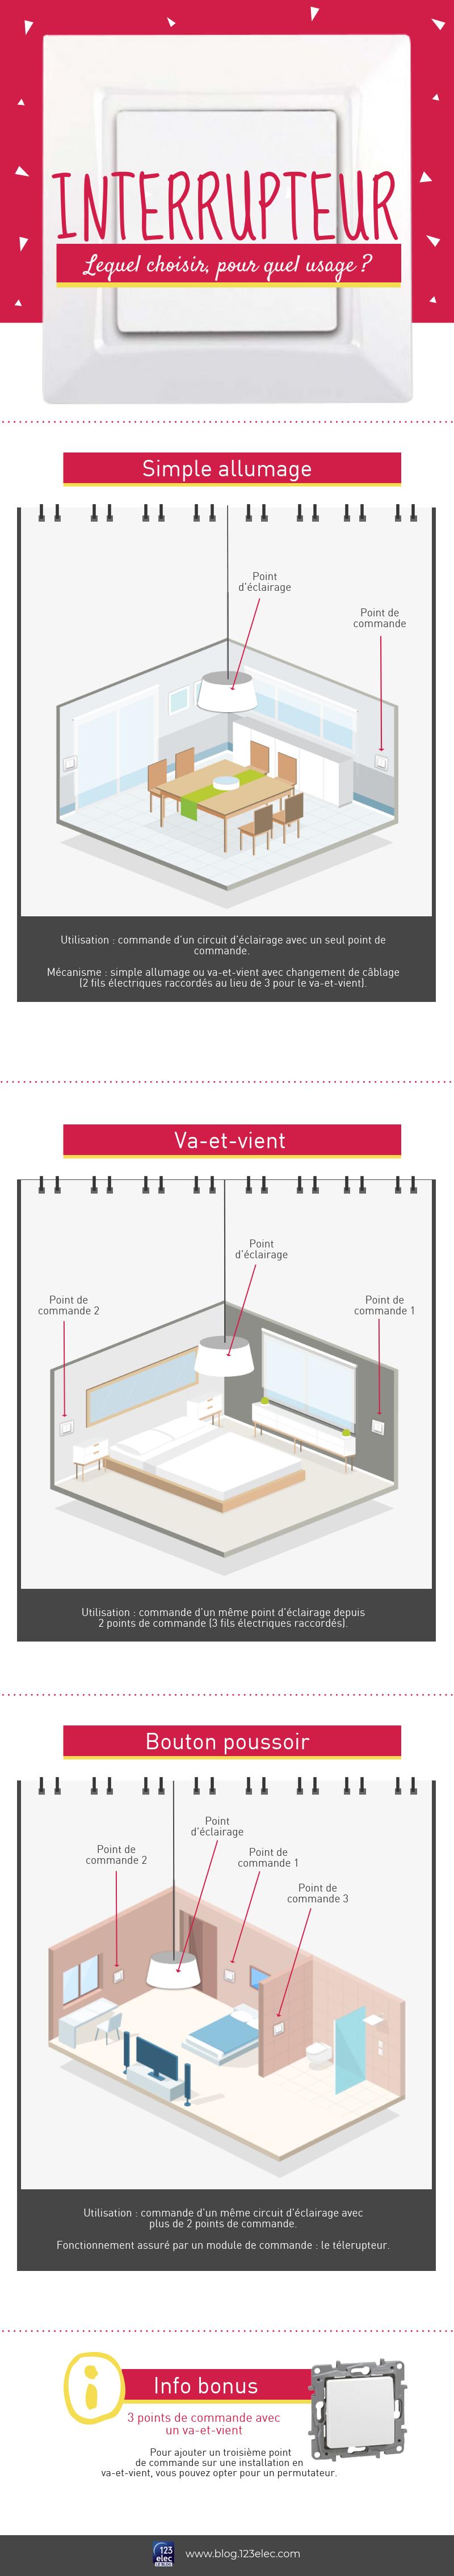 Infographie sur le choix entre simple allumage, interrupteur va et vient et bouton poussoir